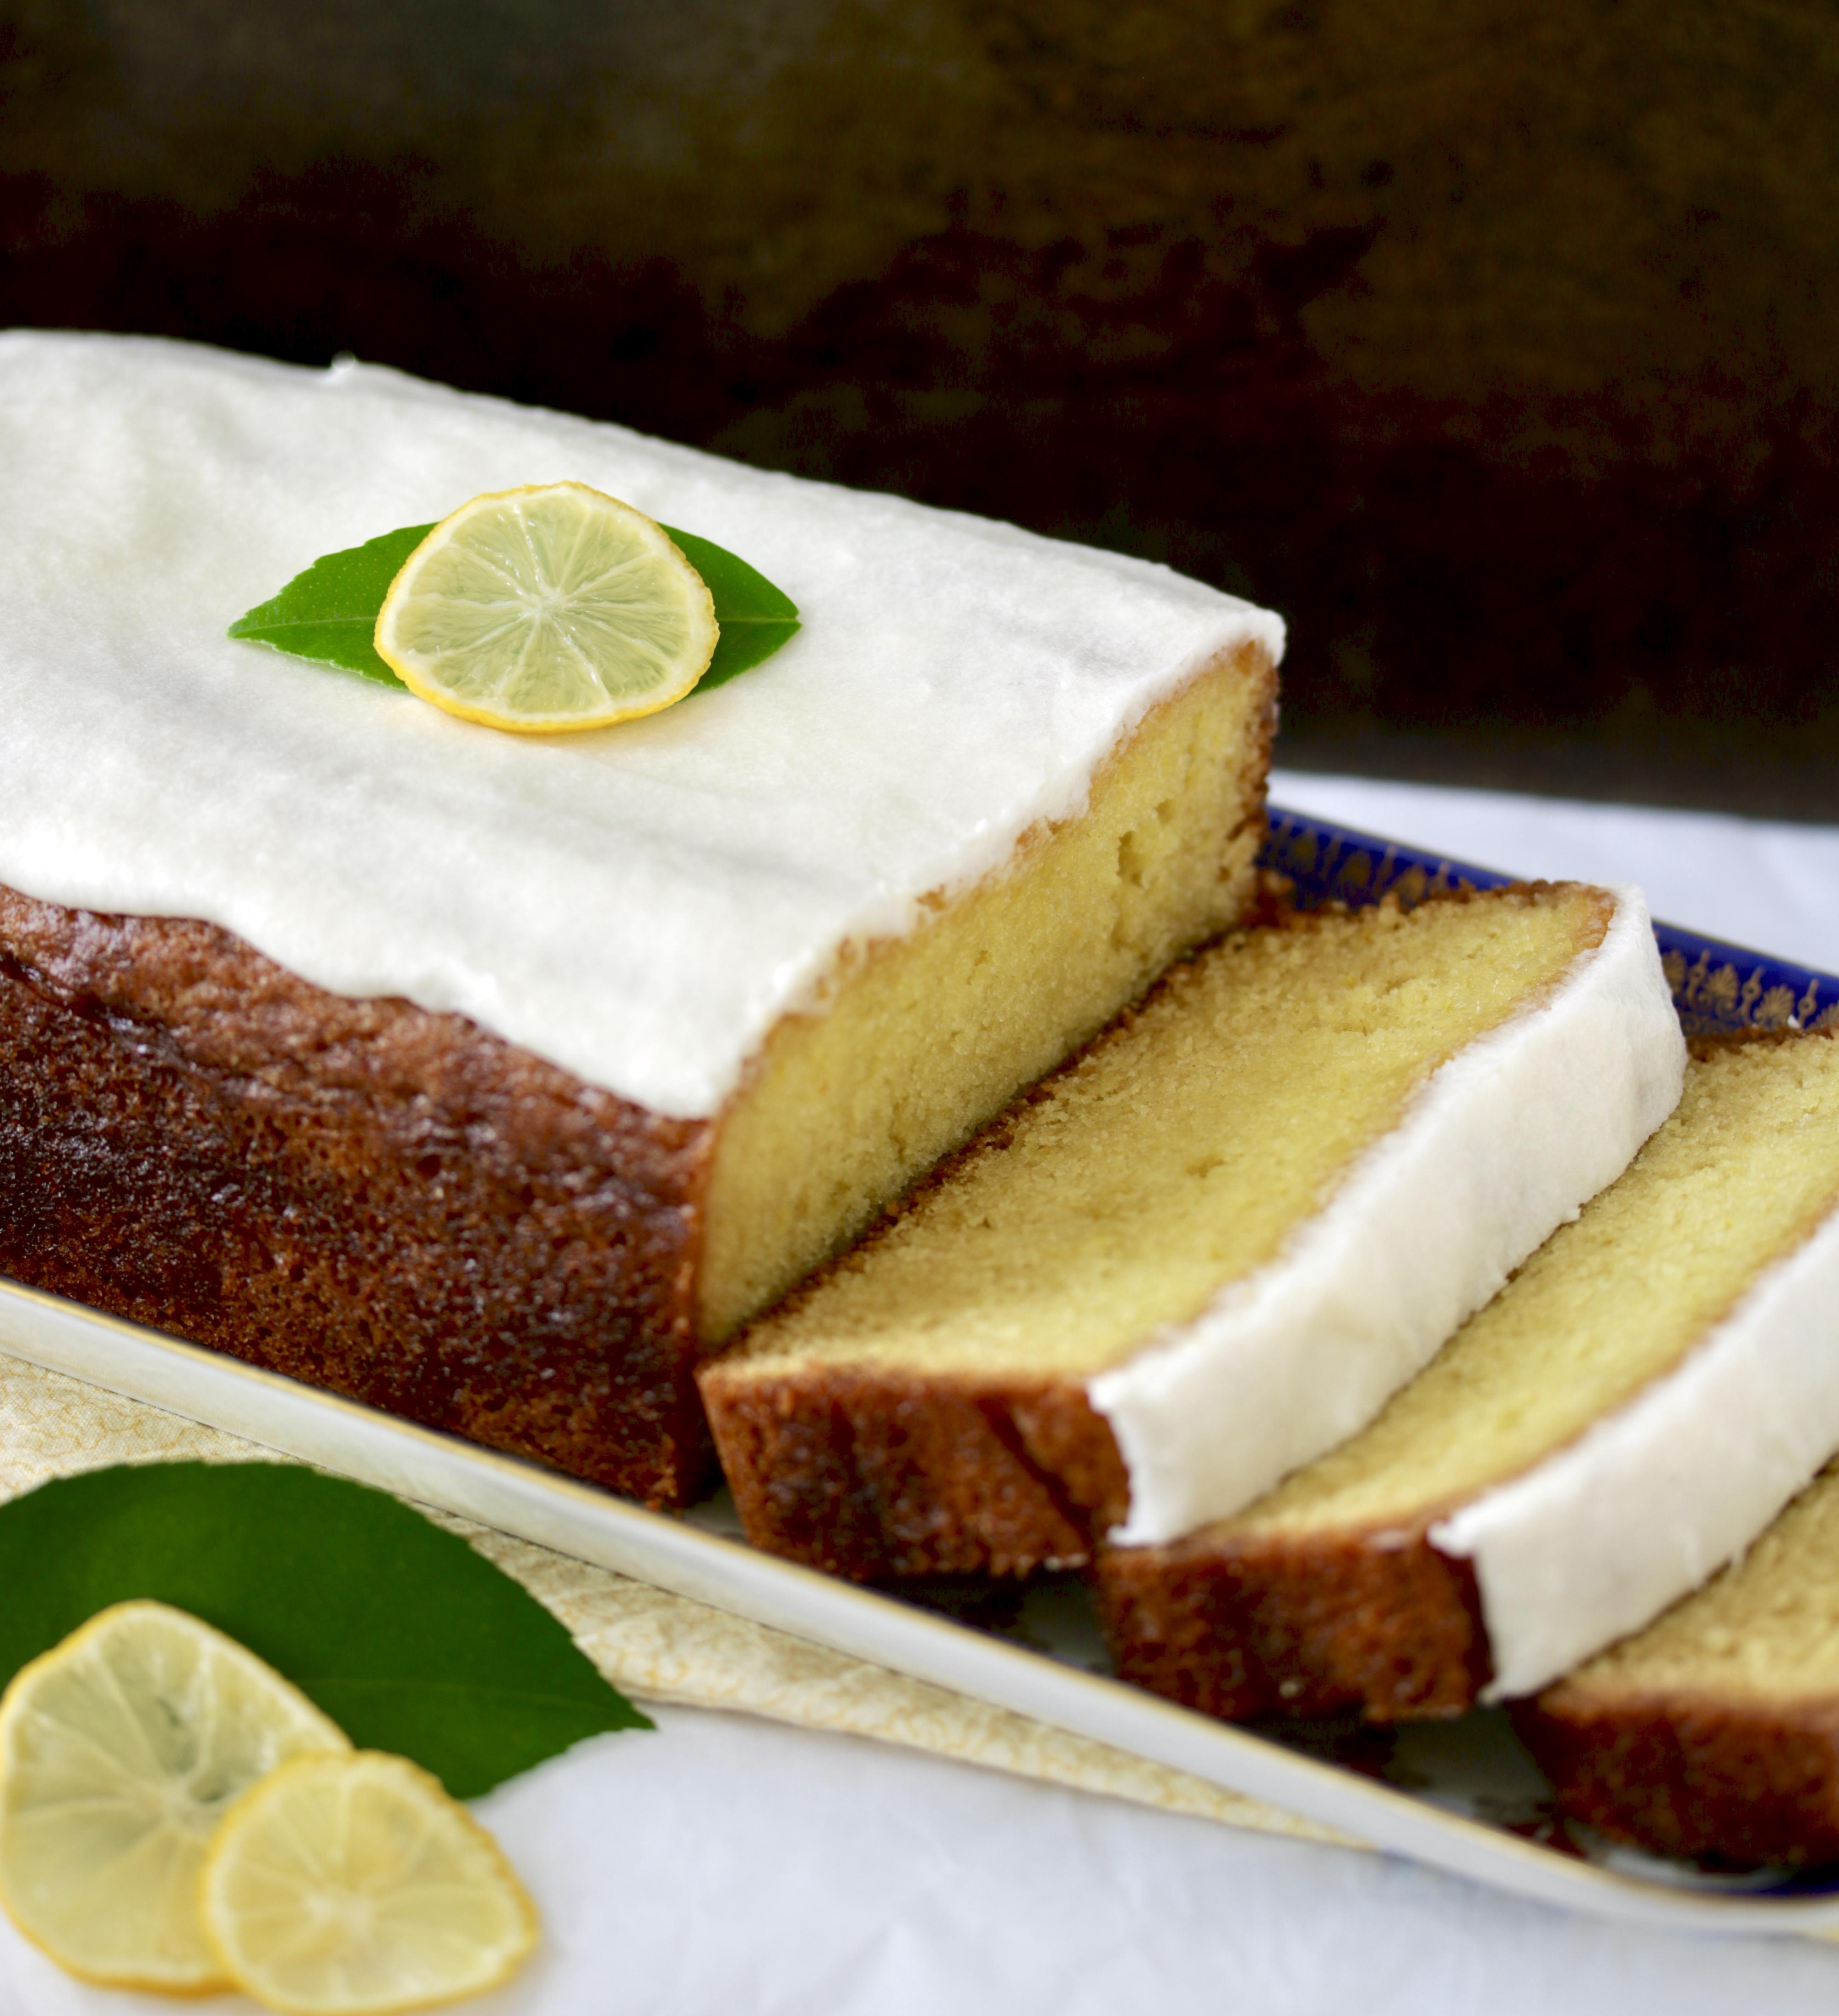 sliced lemon loaf with white icing and lemon slice garnish